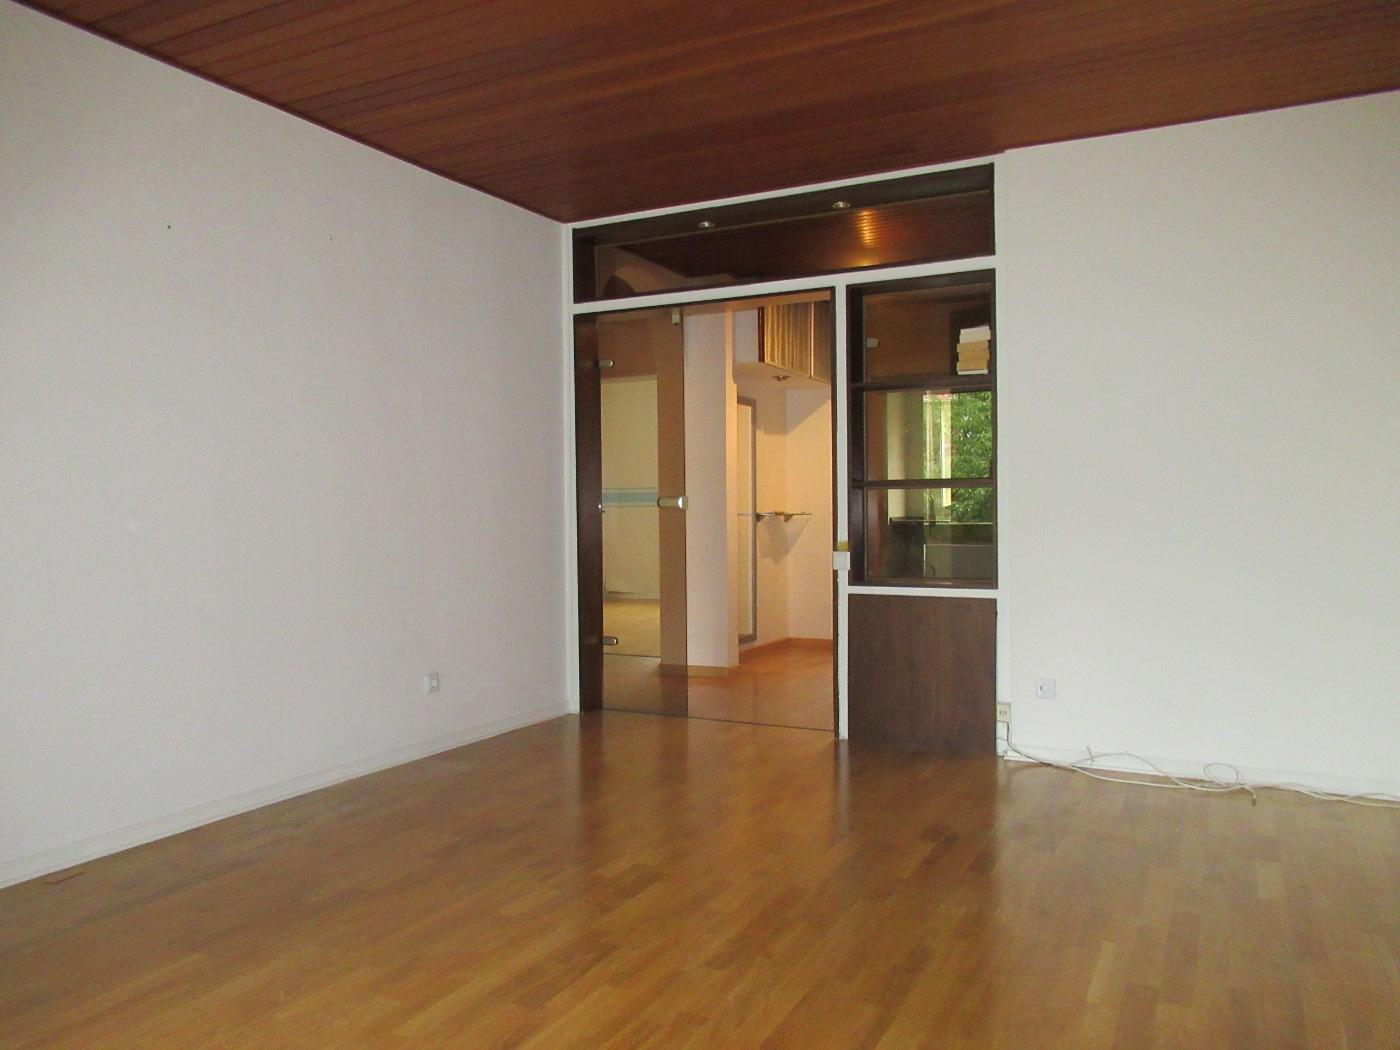 3 zimmerwohnung mieten in bremen walle von immobilienmakler mack. Black Bedroom Furniture Sets. Home Design Ideas